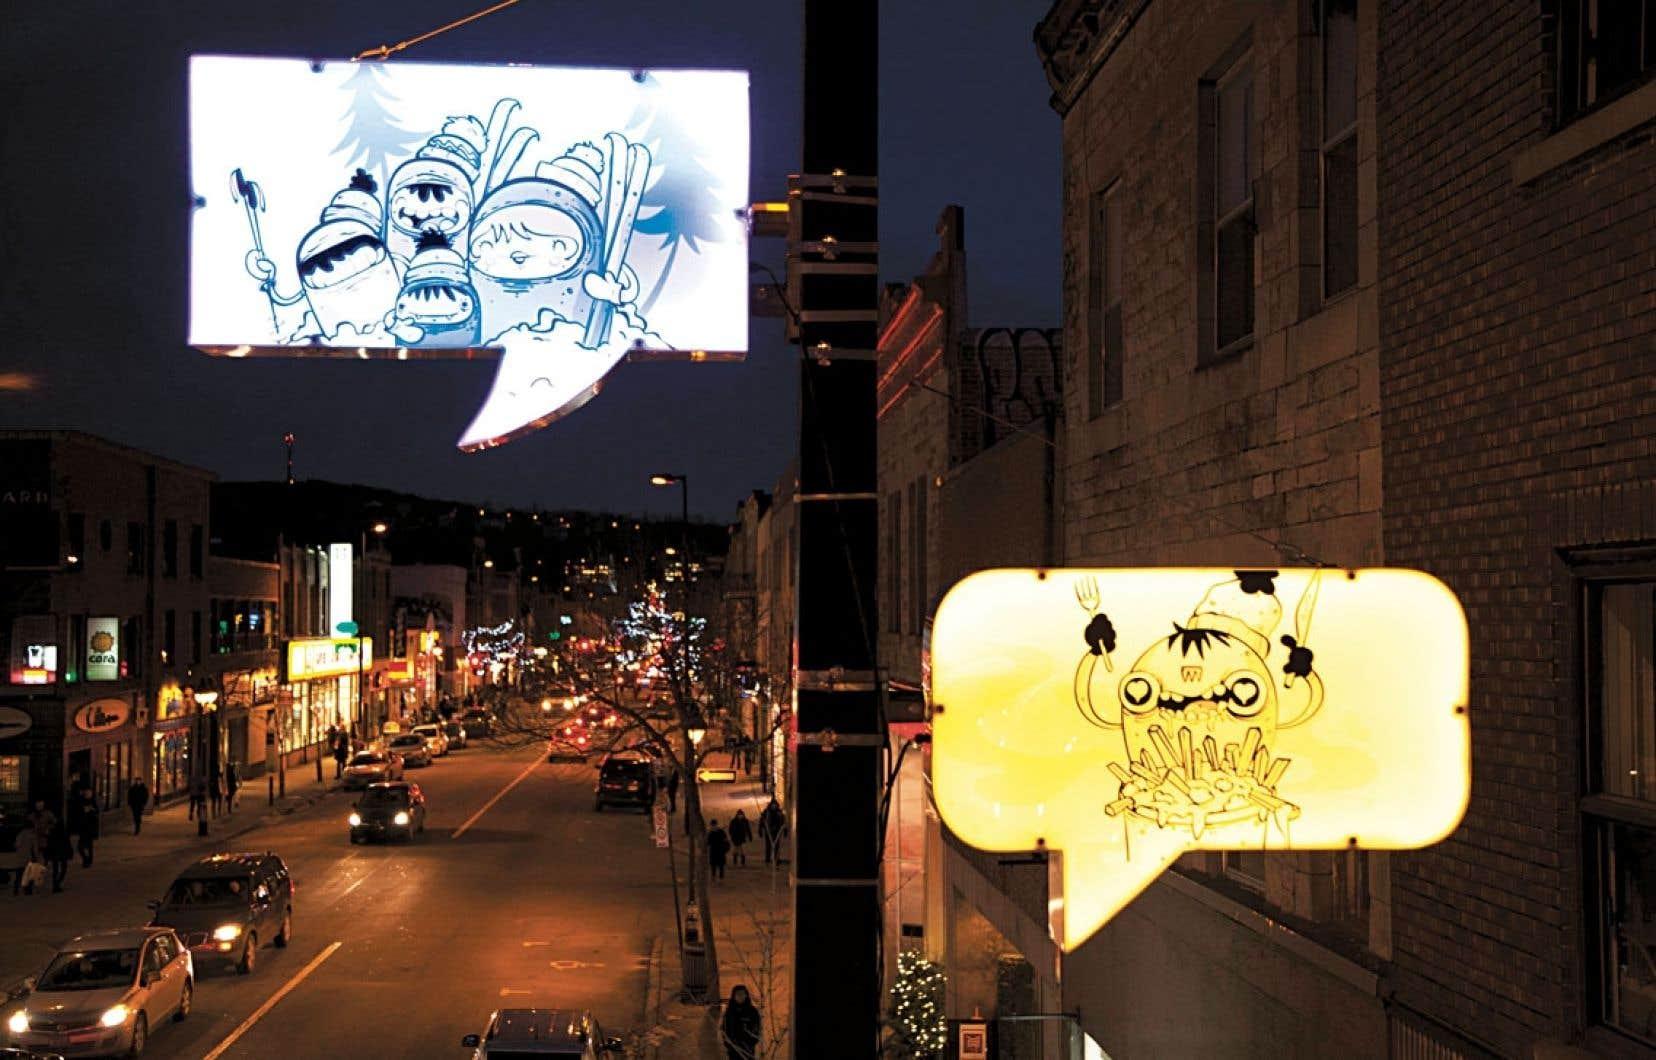 Des bulles rétroéclairées conçues par le collectif Turn Me On Design évoquent différents aspects de la vie de quartier.